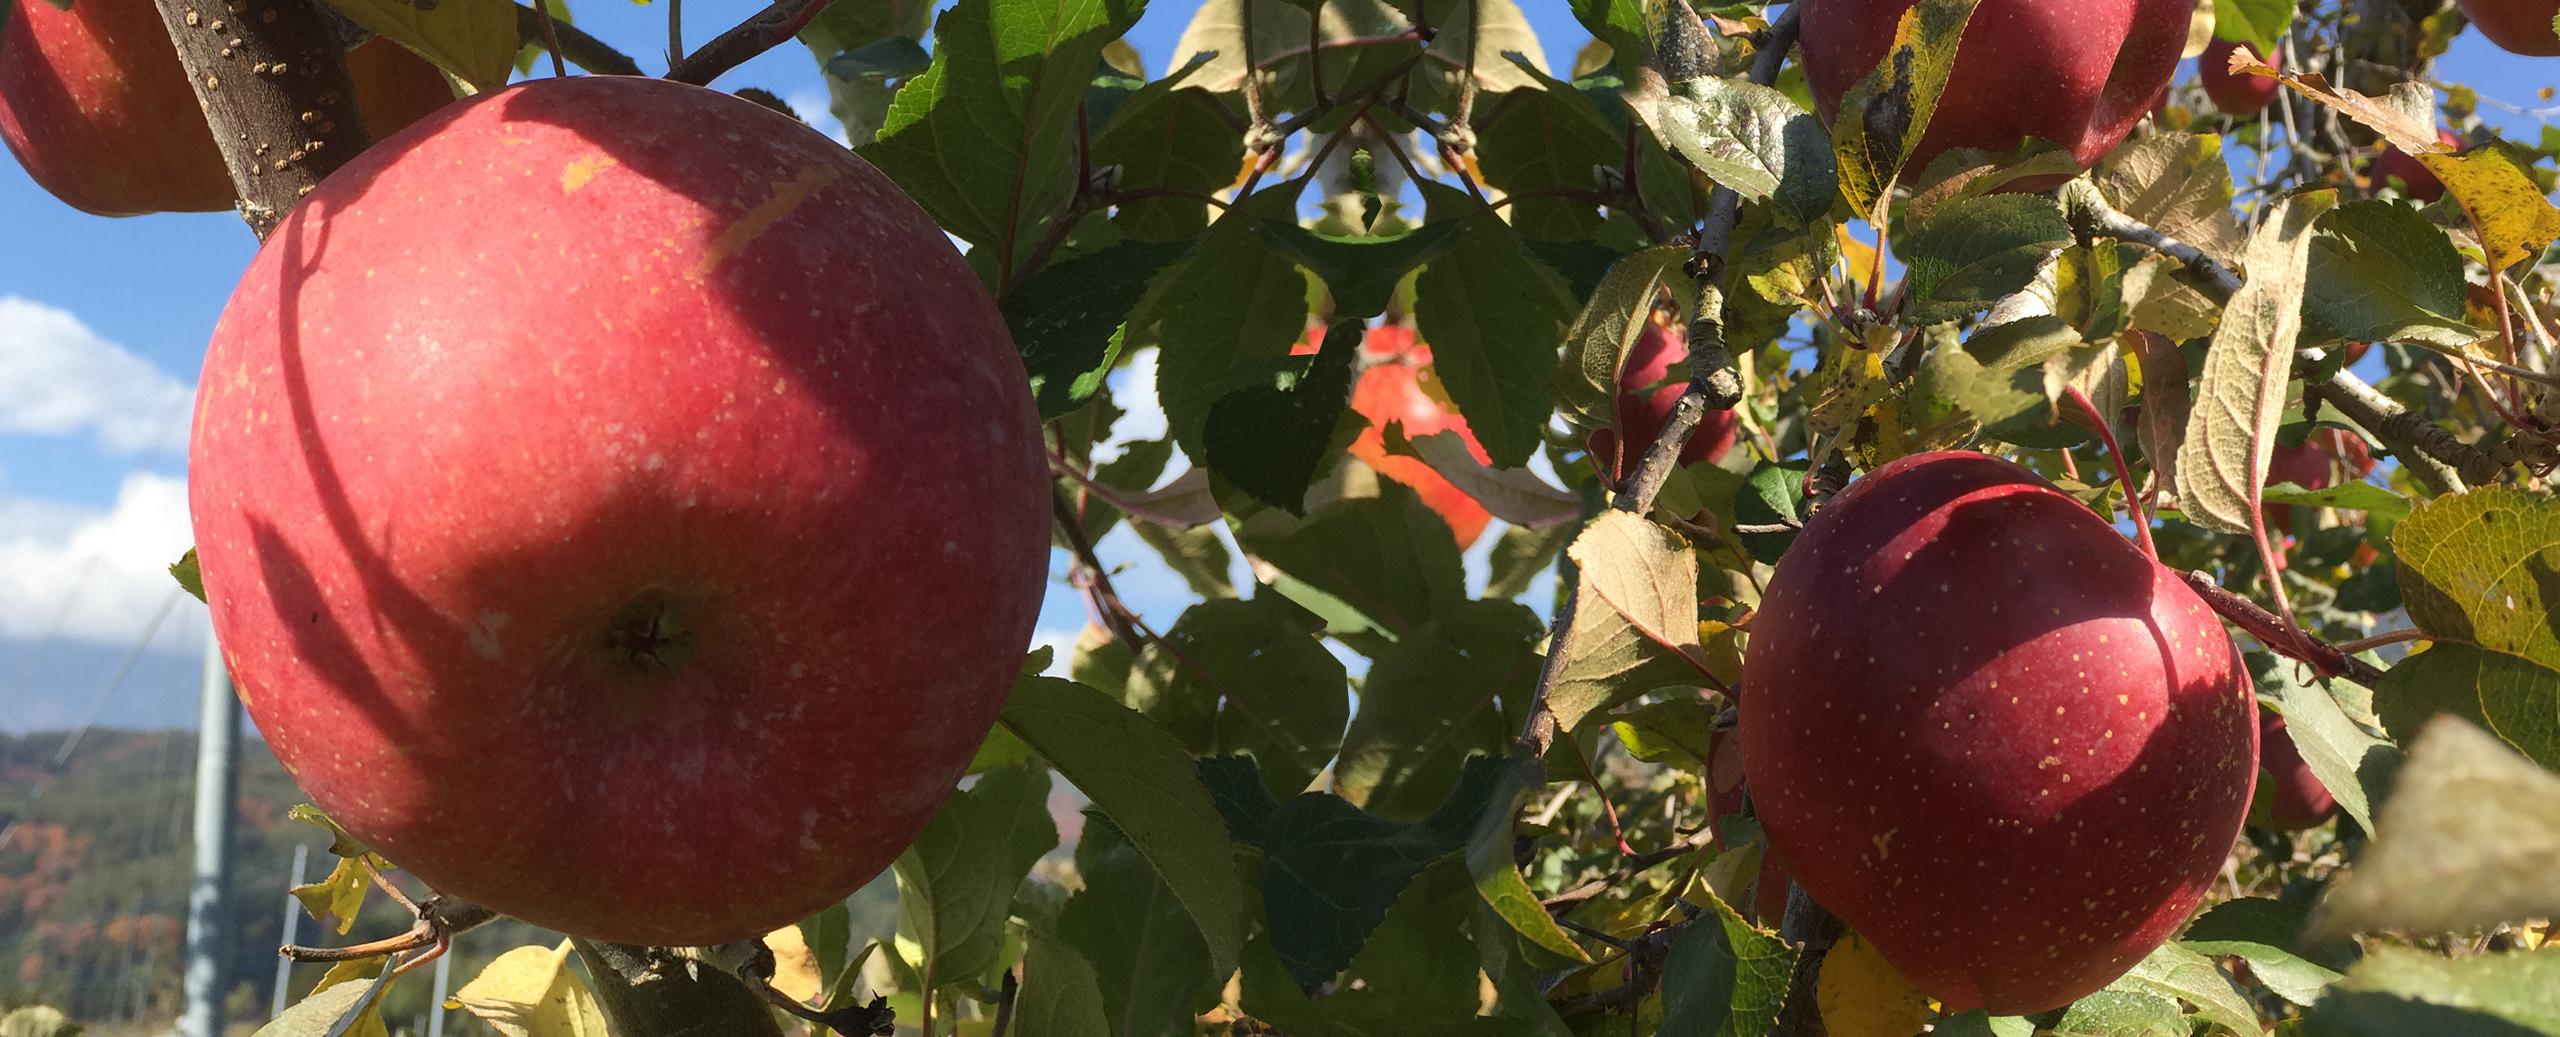 飯田りんご並木_トップ画像4